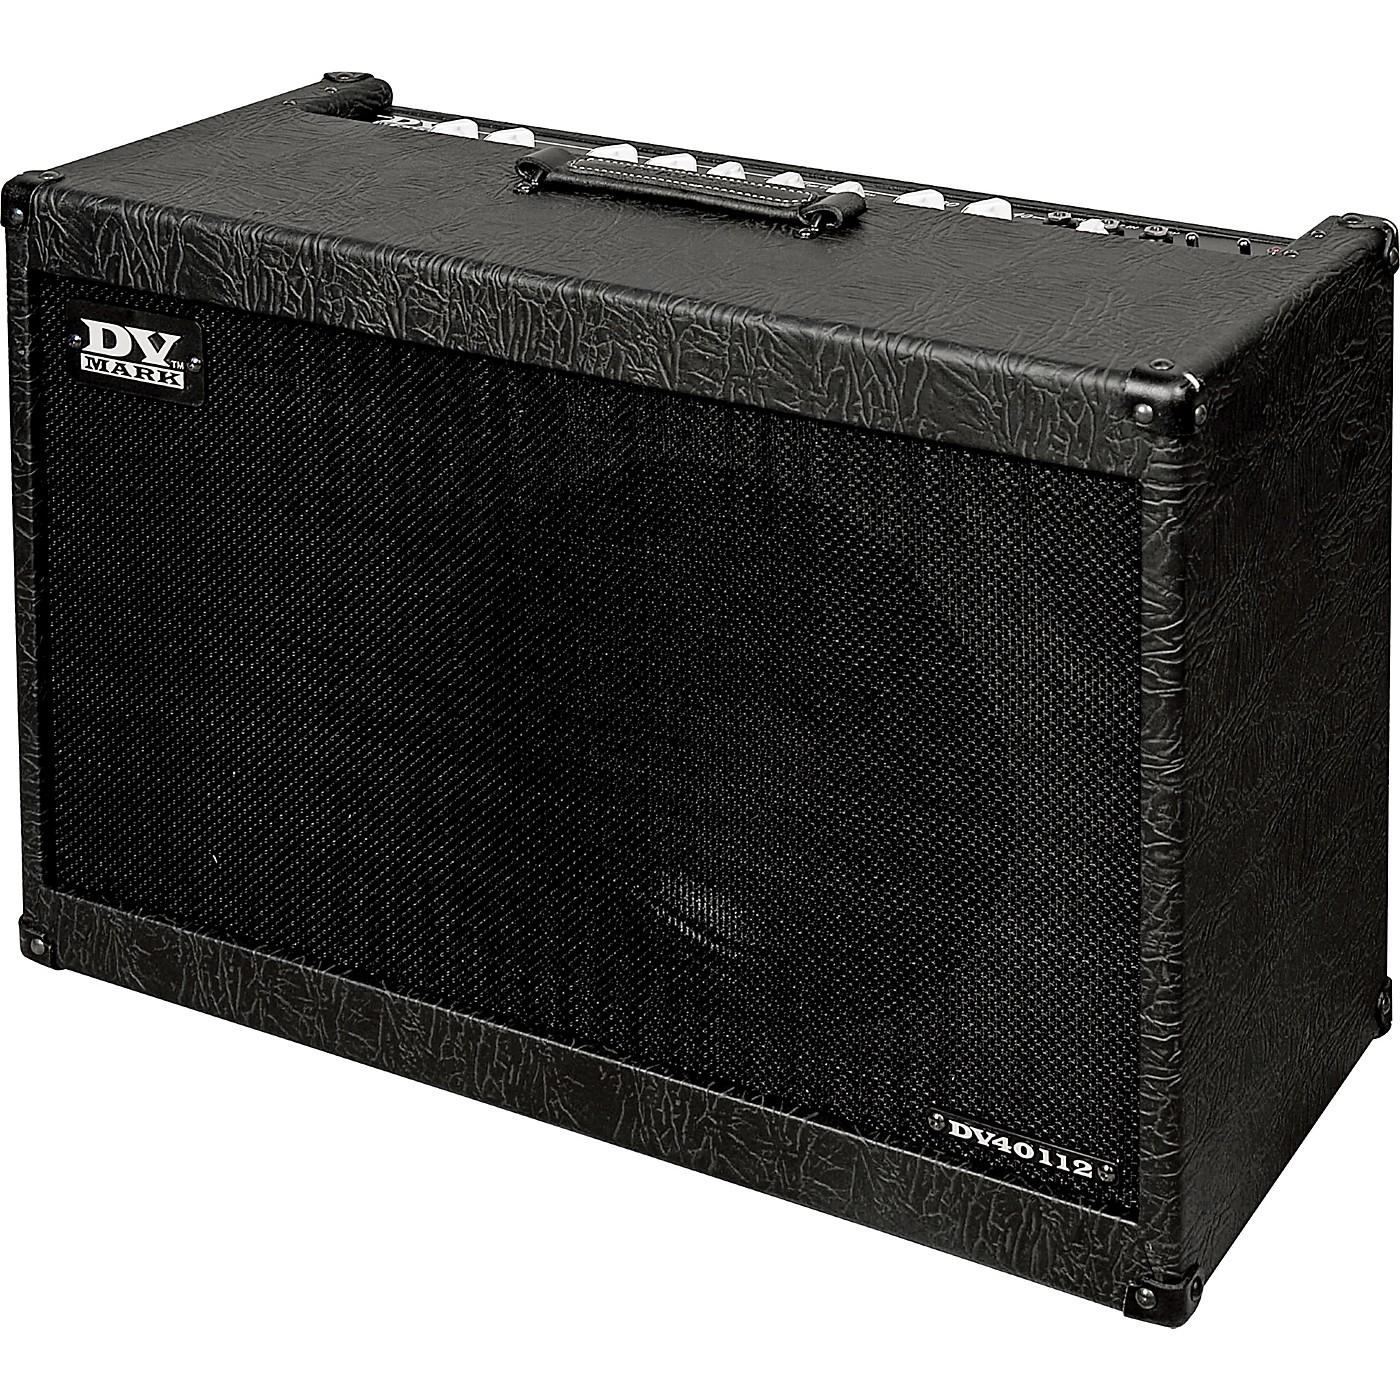 DV Mark DV40 112 40W 1x12 Tube Guitar Combo Amp thumbnail